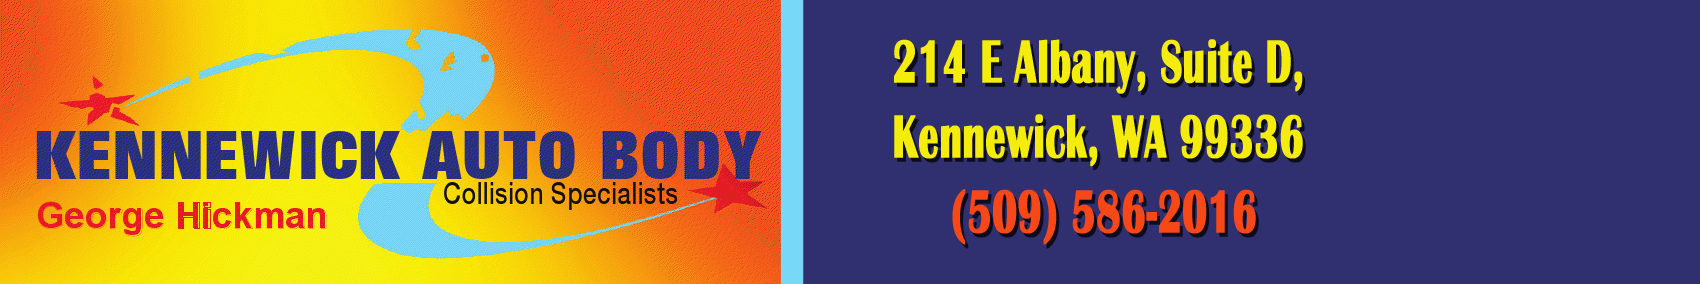 Kennewick Auto Body